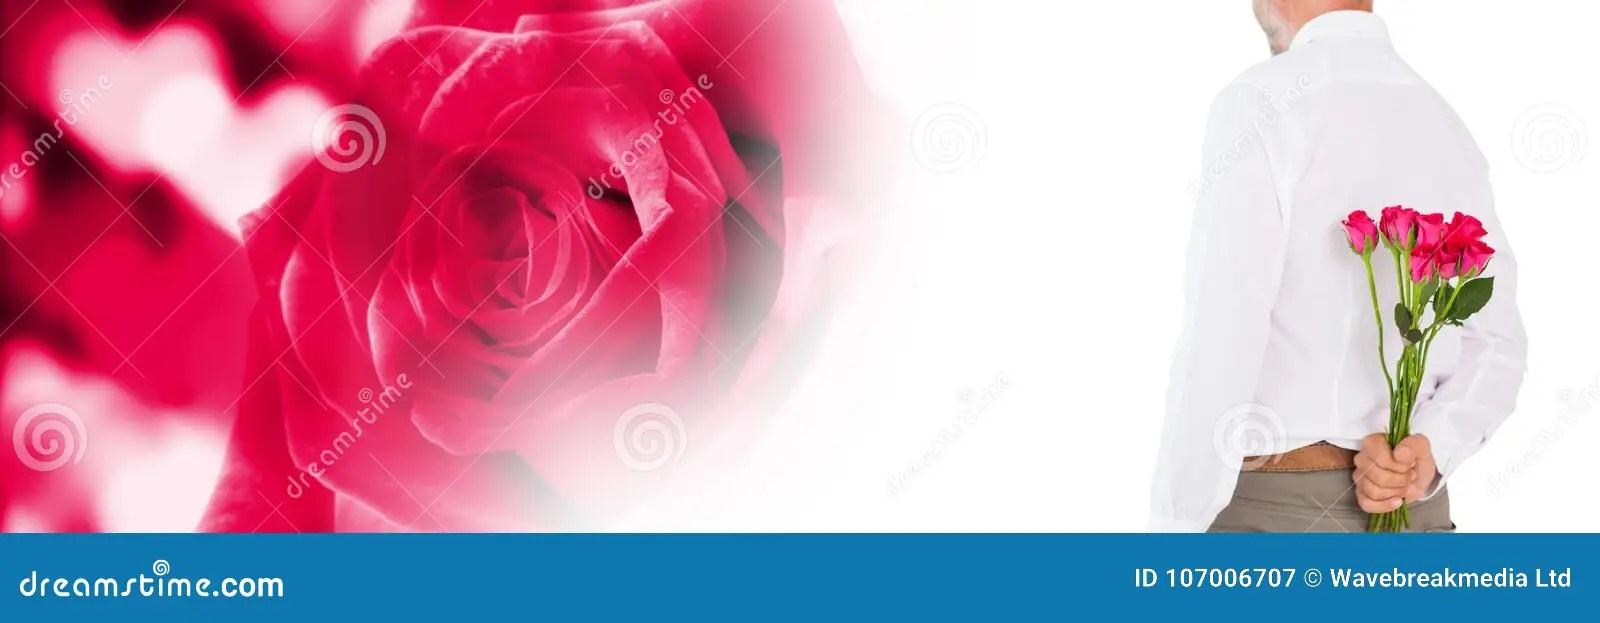 Las Tarjetas Del Día De San Valentín Sirven Sostener Rosas Con El